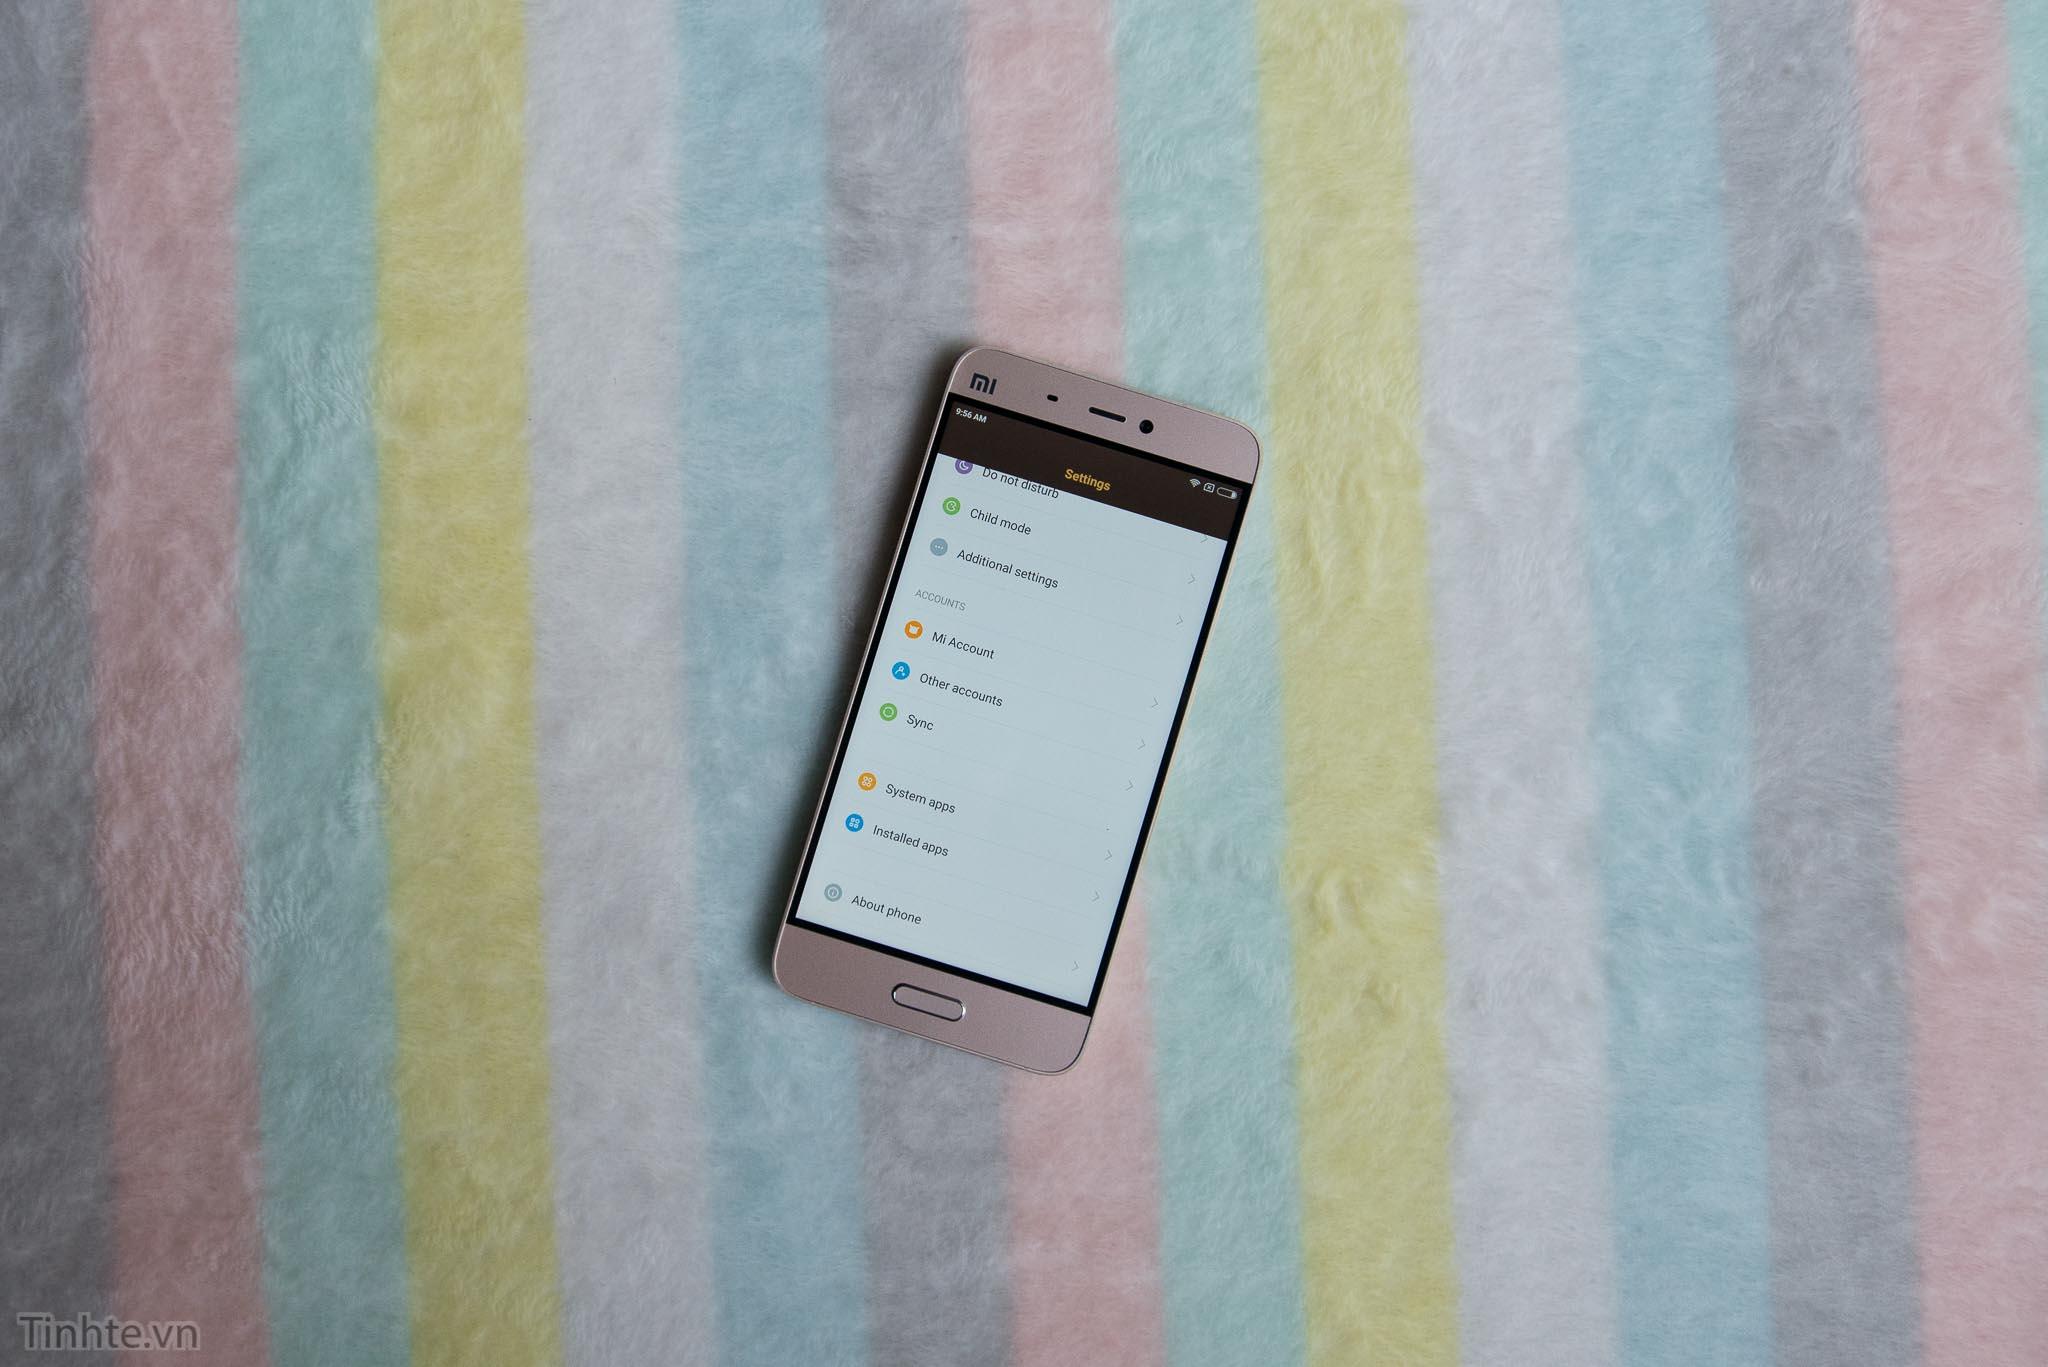 Xiaomi_Mi5_chinh_hang_tren_tay_tinhte.vn-19.jpg